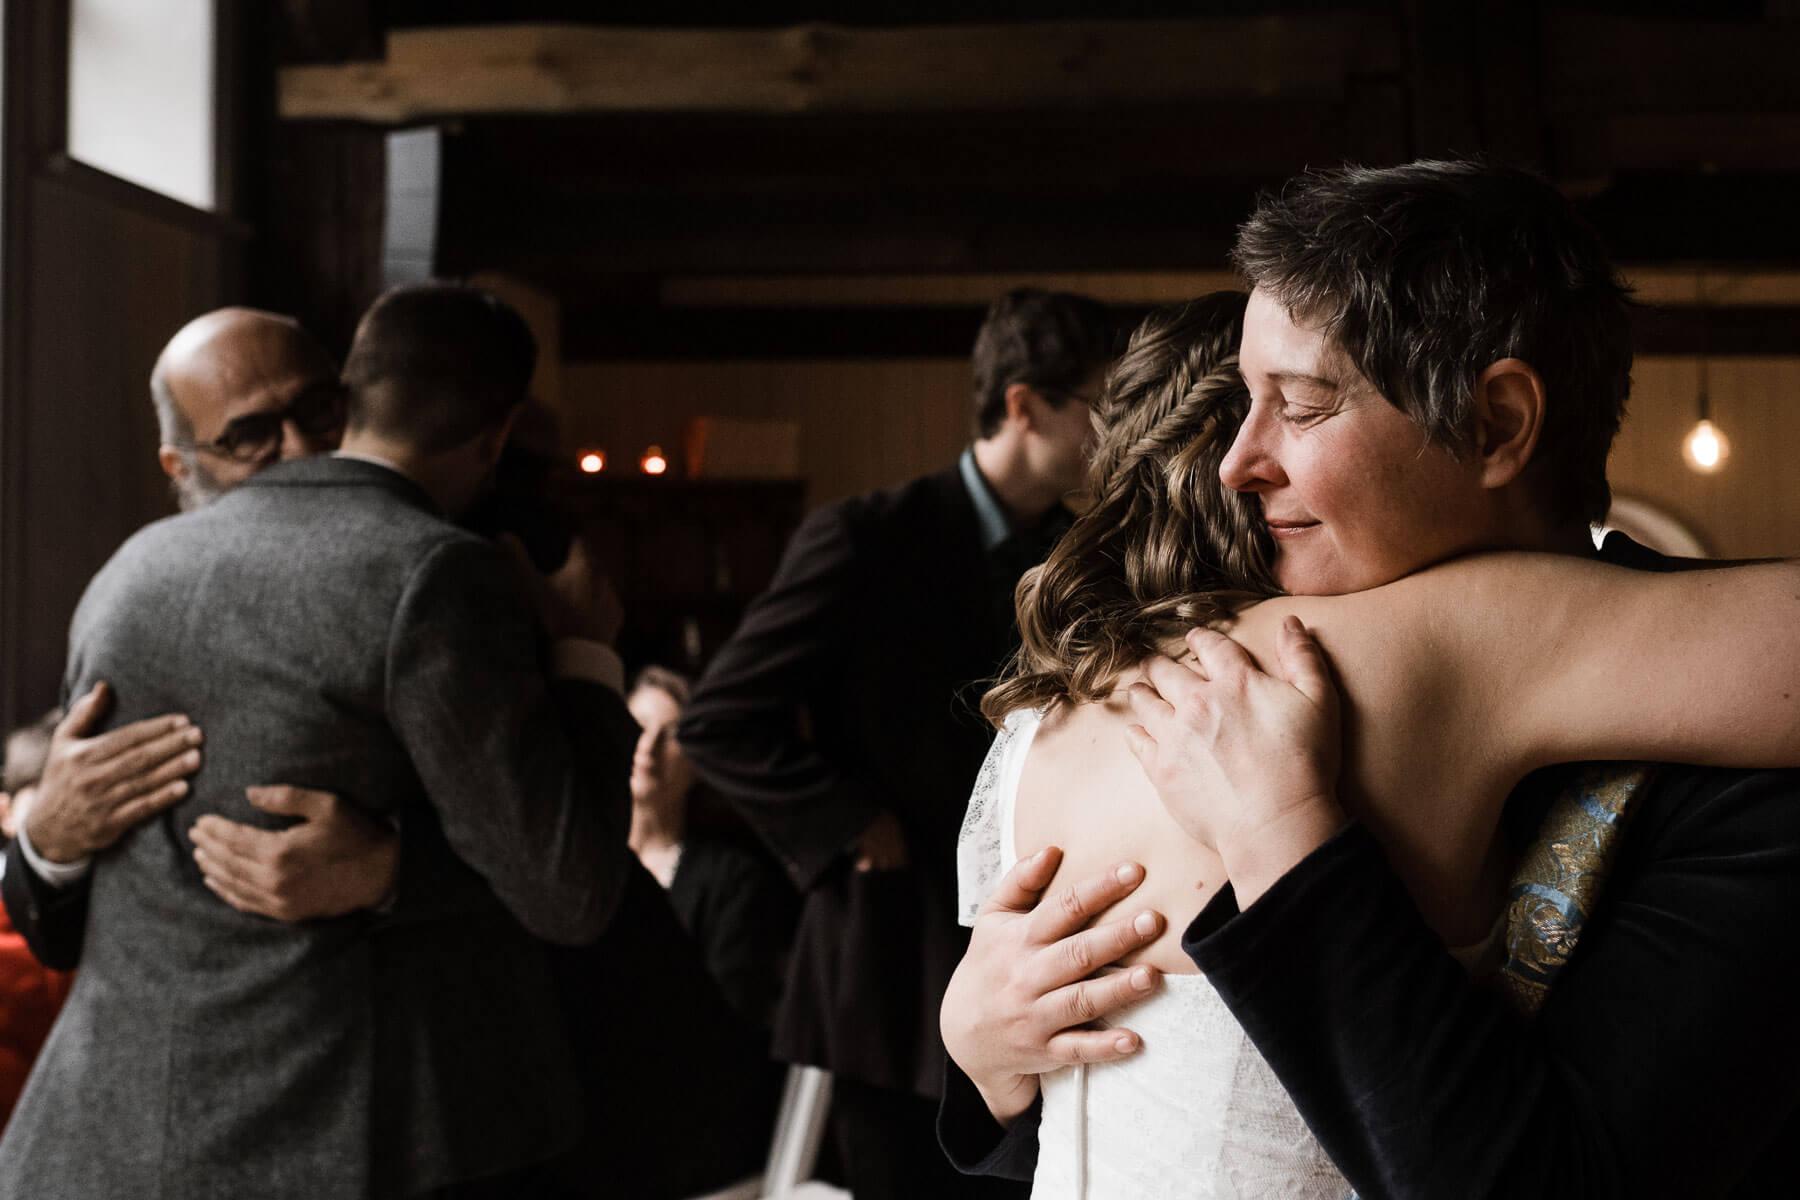 die Gäste gratulieren dem Brautpaar, sie sind in einem Trauzimmer eines Landhauses